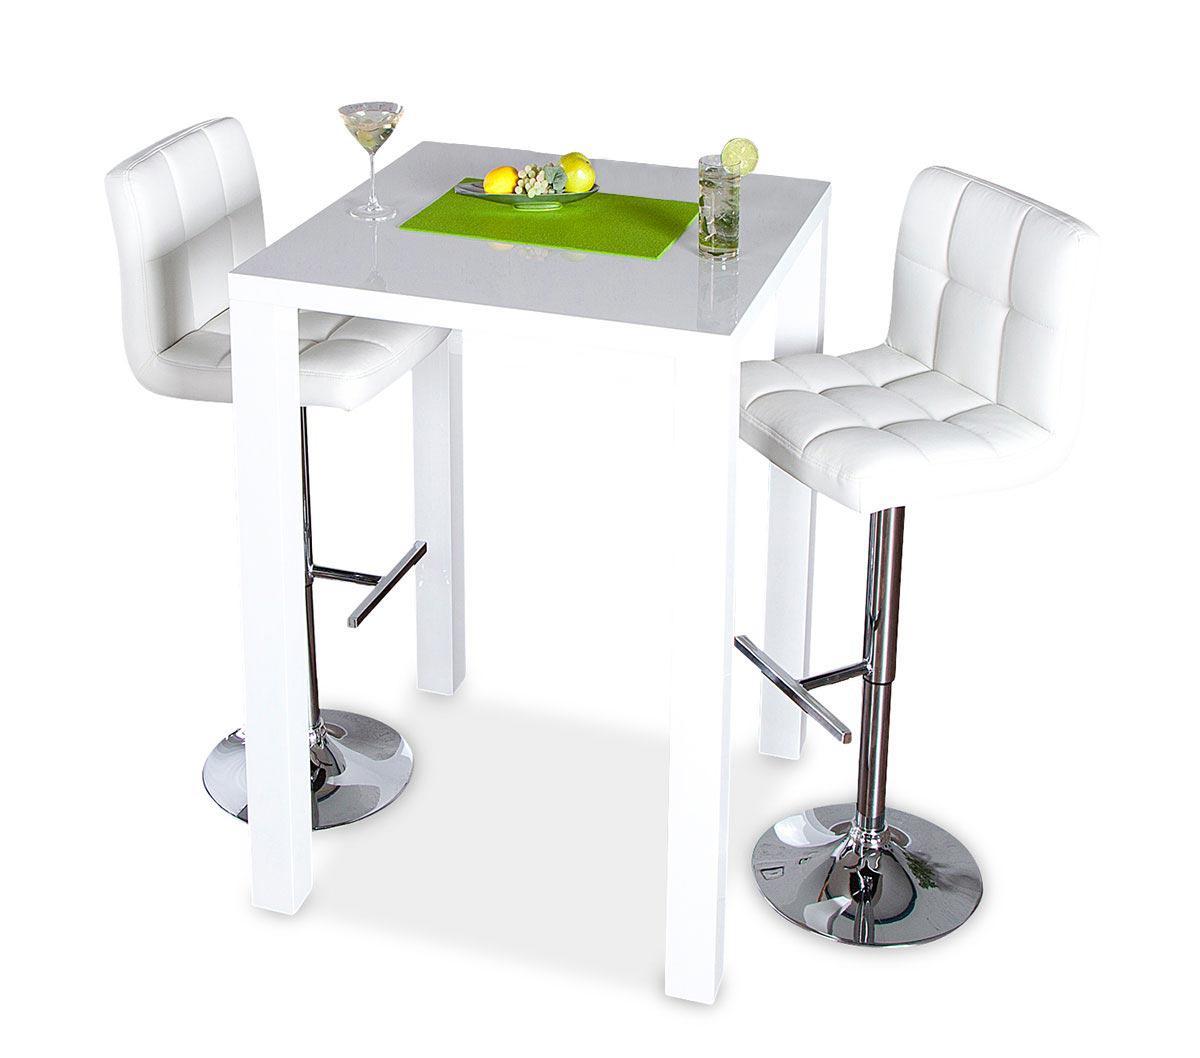 stehtisch kaufen amazing stehtisch holz stehtische new loveit stahl aus selber bauen holzfass. Black Bedroom Furniture Sets. Home Design Ideas